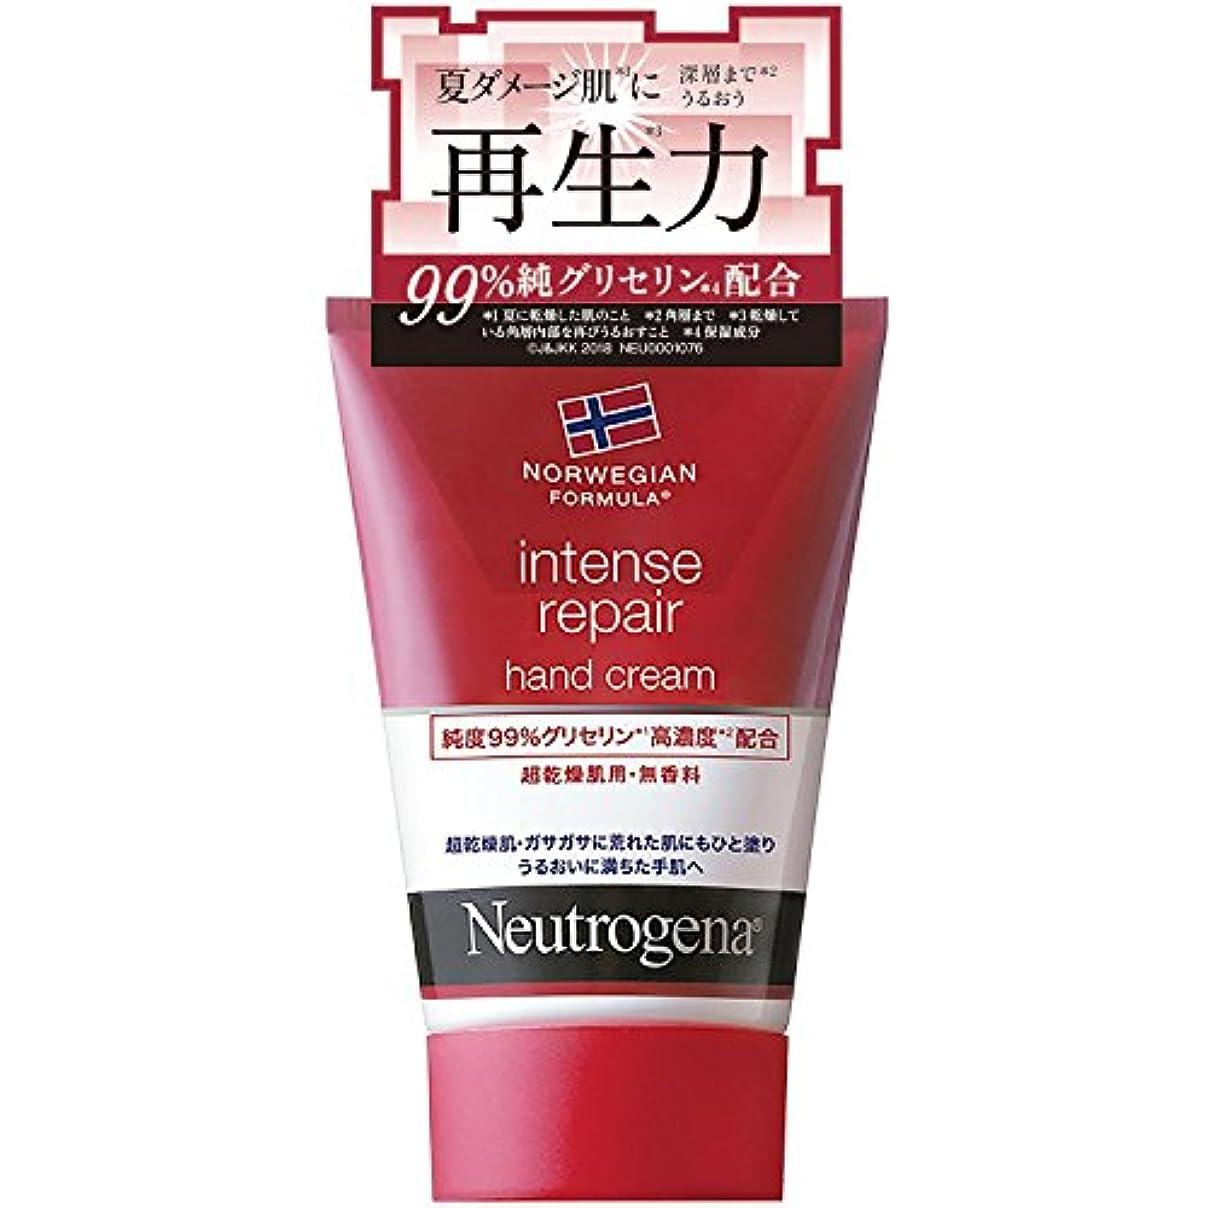 きょうだいマイクロオズワルドNeutrogena(ニュートロジーナ) ノルウェーフォーミュラ インテンスリペア ハンドクリーム 超乾燥肌用 無香料 単品 50g